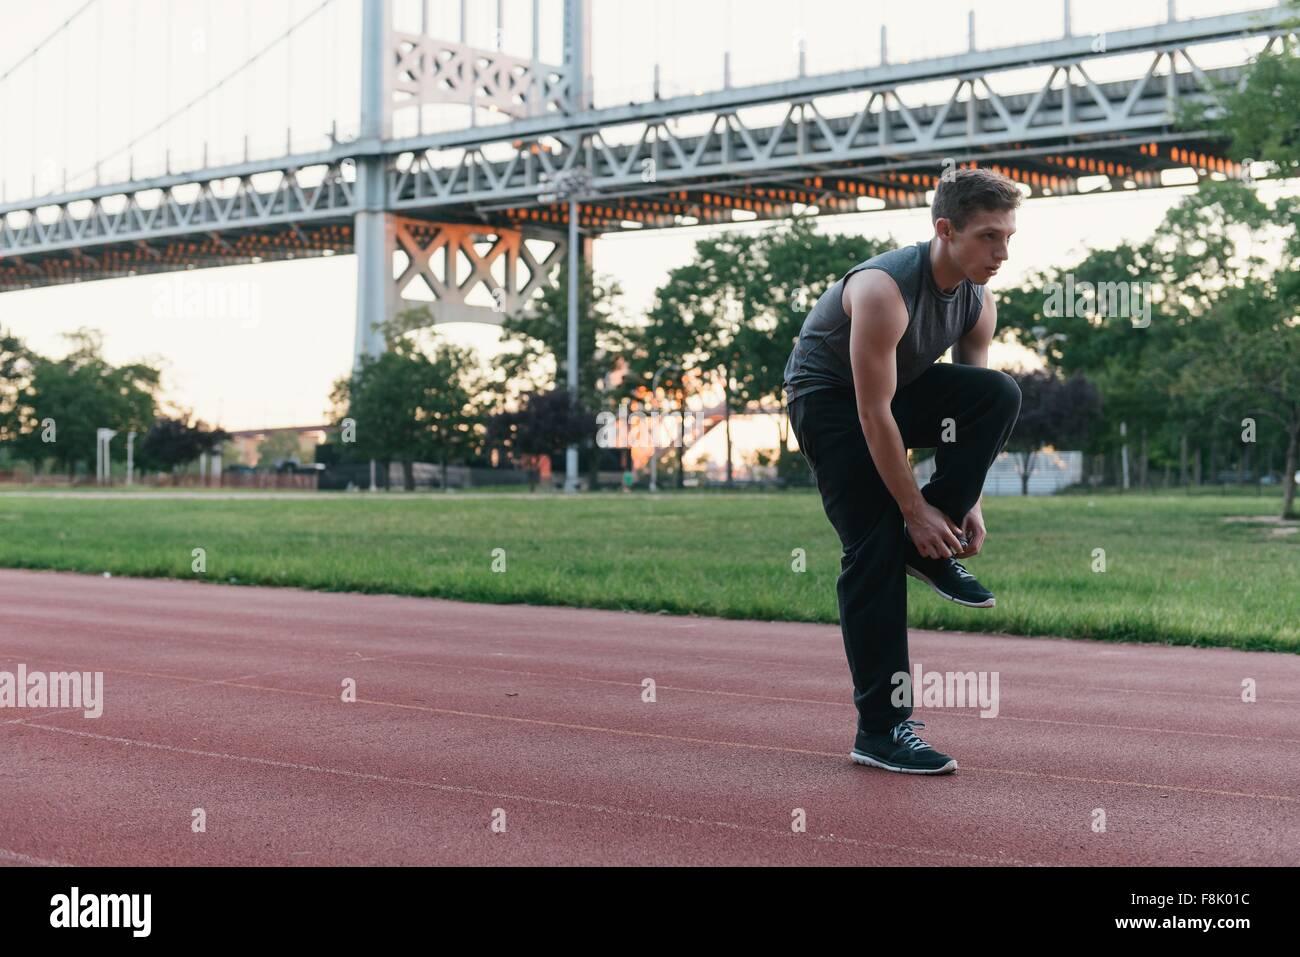 Jeune homme debout sur la voie des sports, lacet de liage Photo Stock